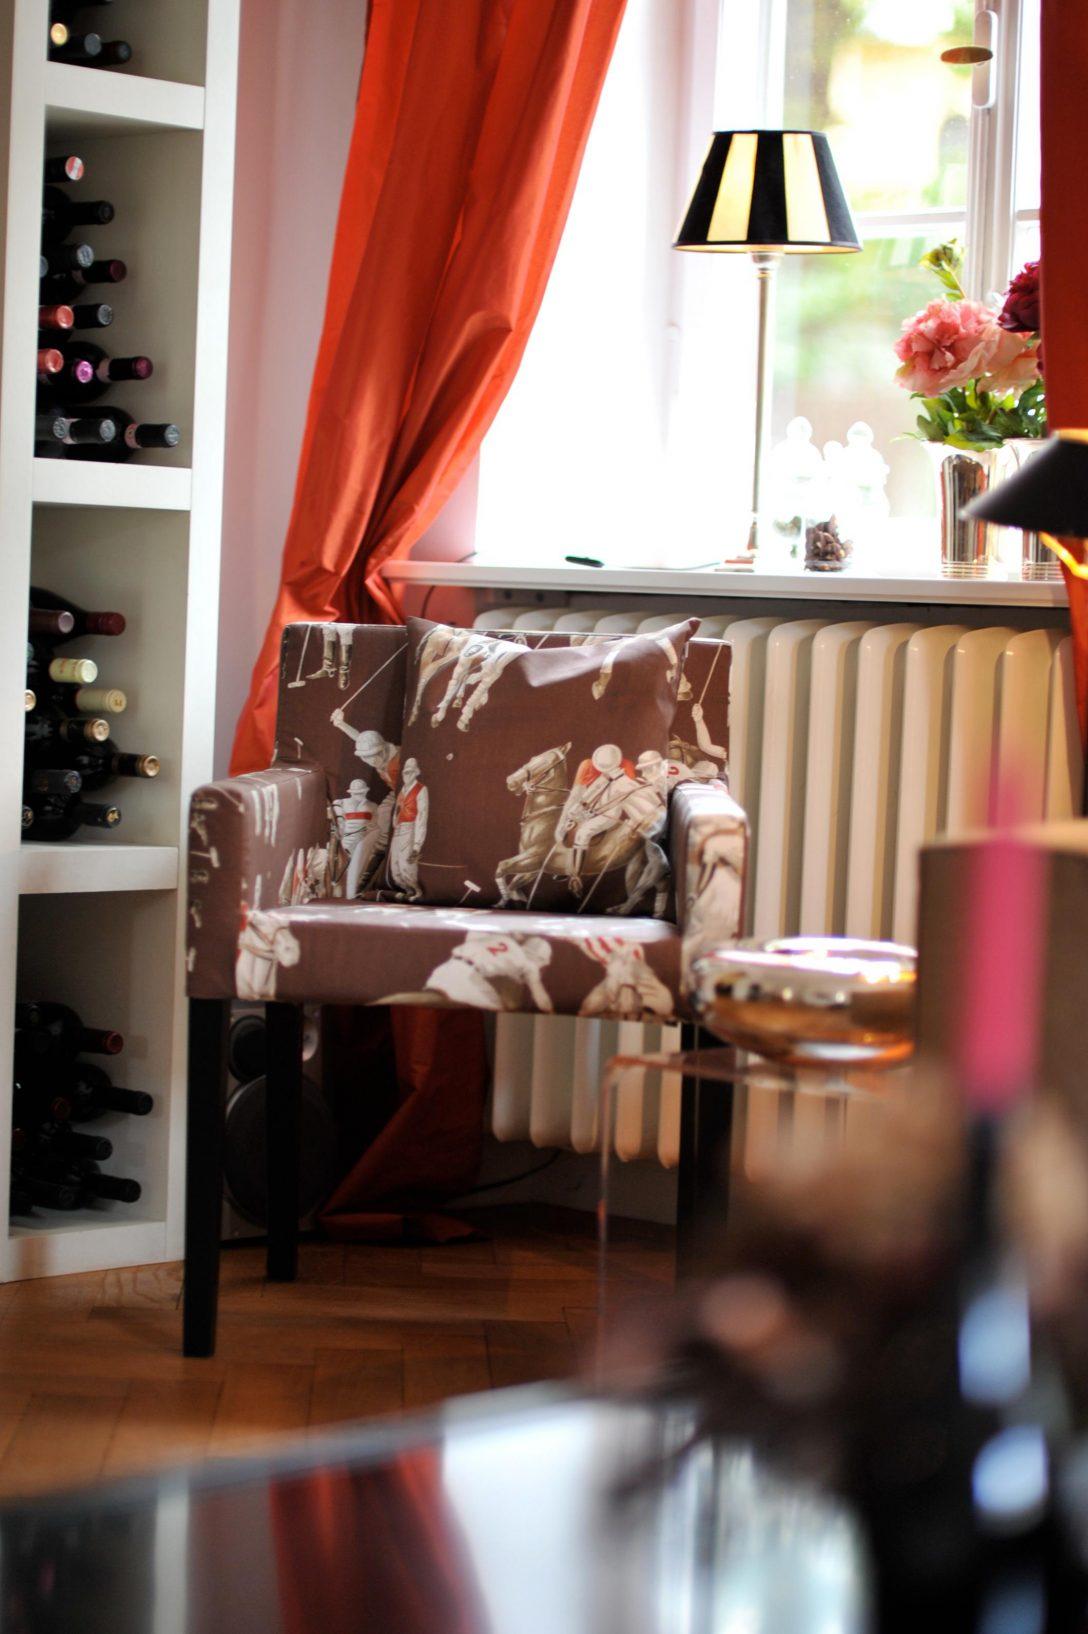 Large Size of Gardinen Küche Ikea Gardinenstangen Bilder Ideen Couch U Form Betonoptik Kreidetafel Einbauküche Weiss Hochglanz Waschbecken Salamander Pantryküche Mit Wohnzimmer Gardinen Küche Ikea